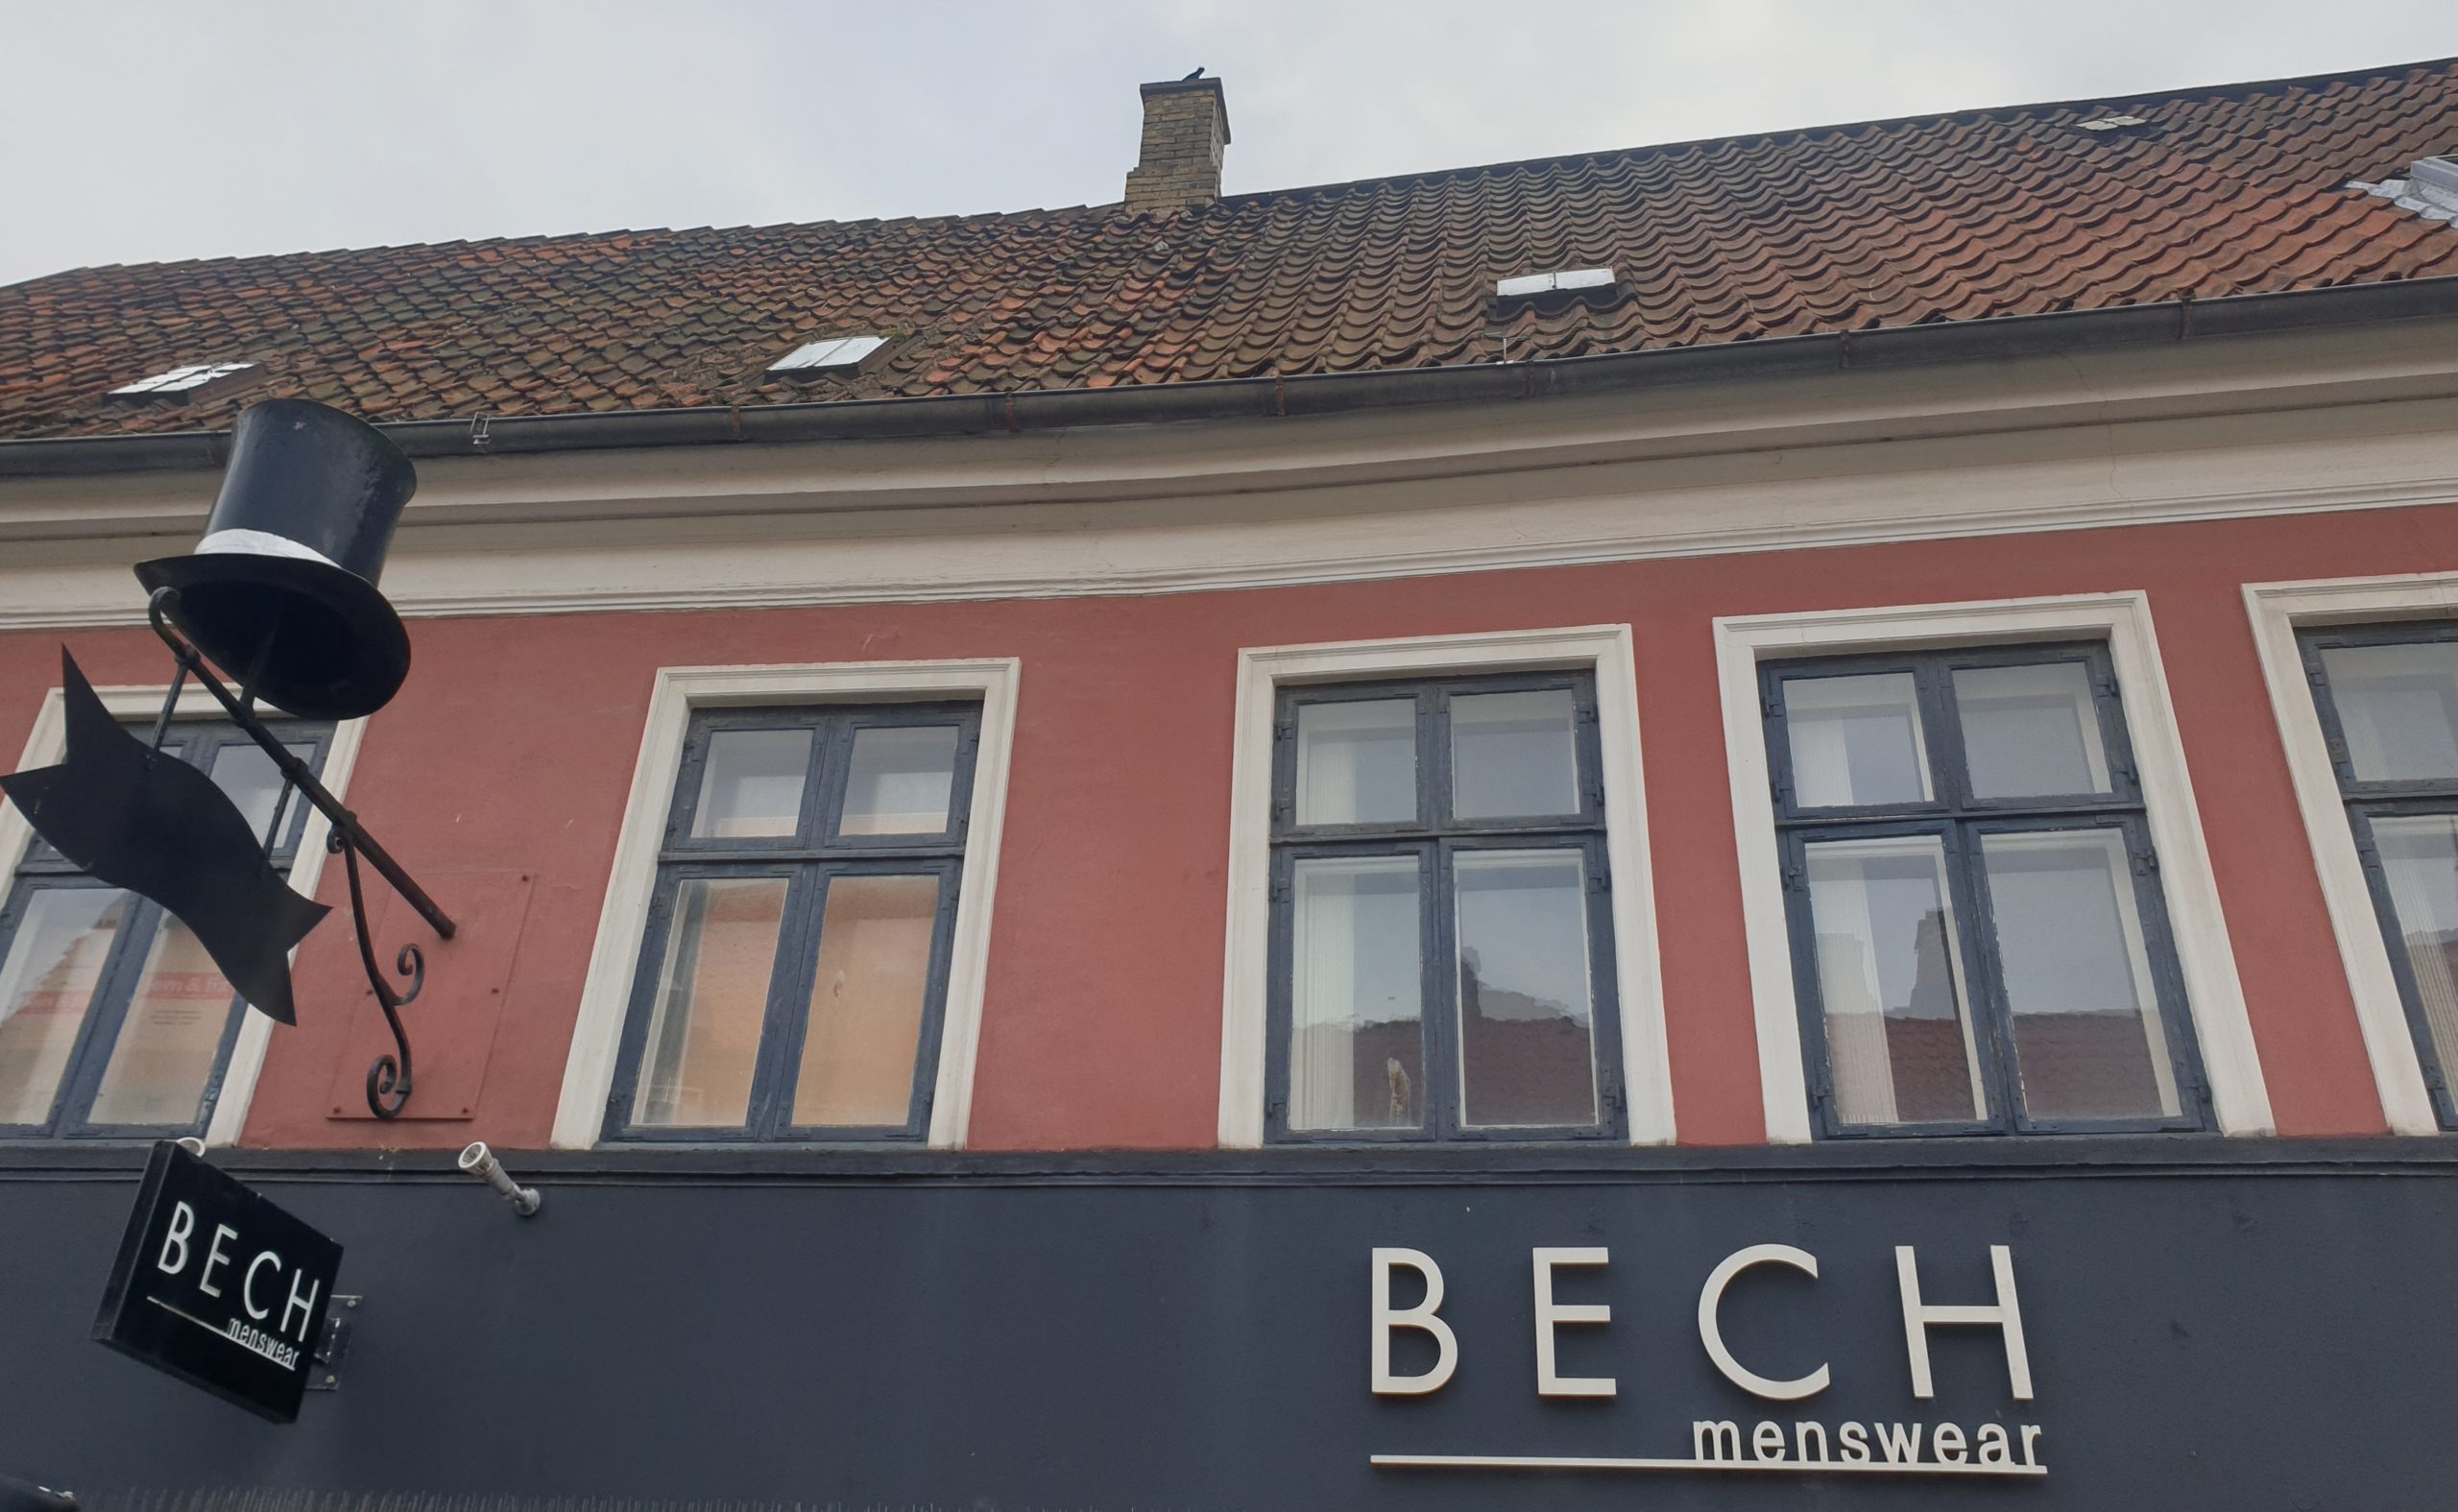 Bech Menswear facade